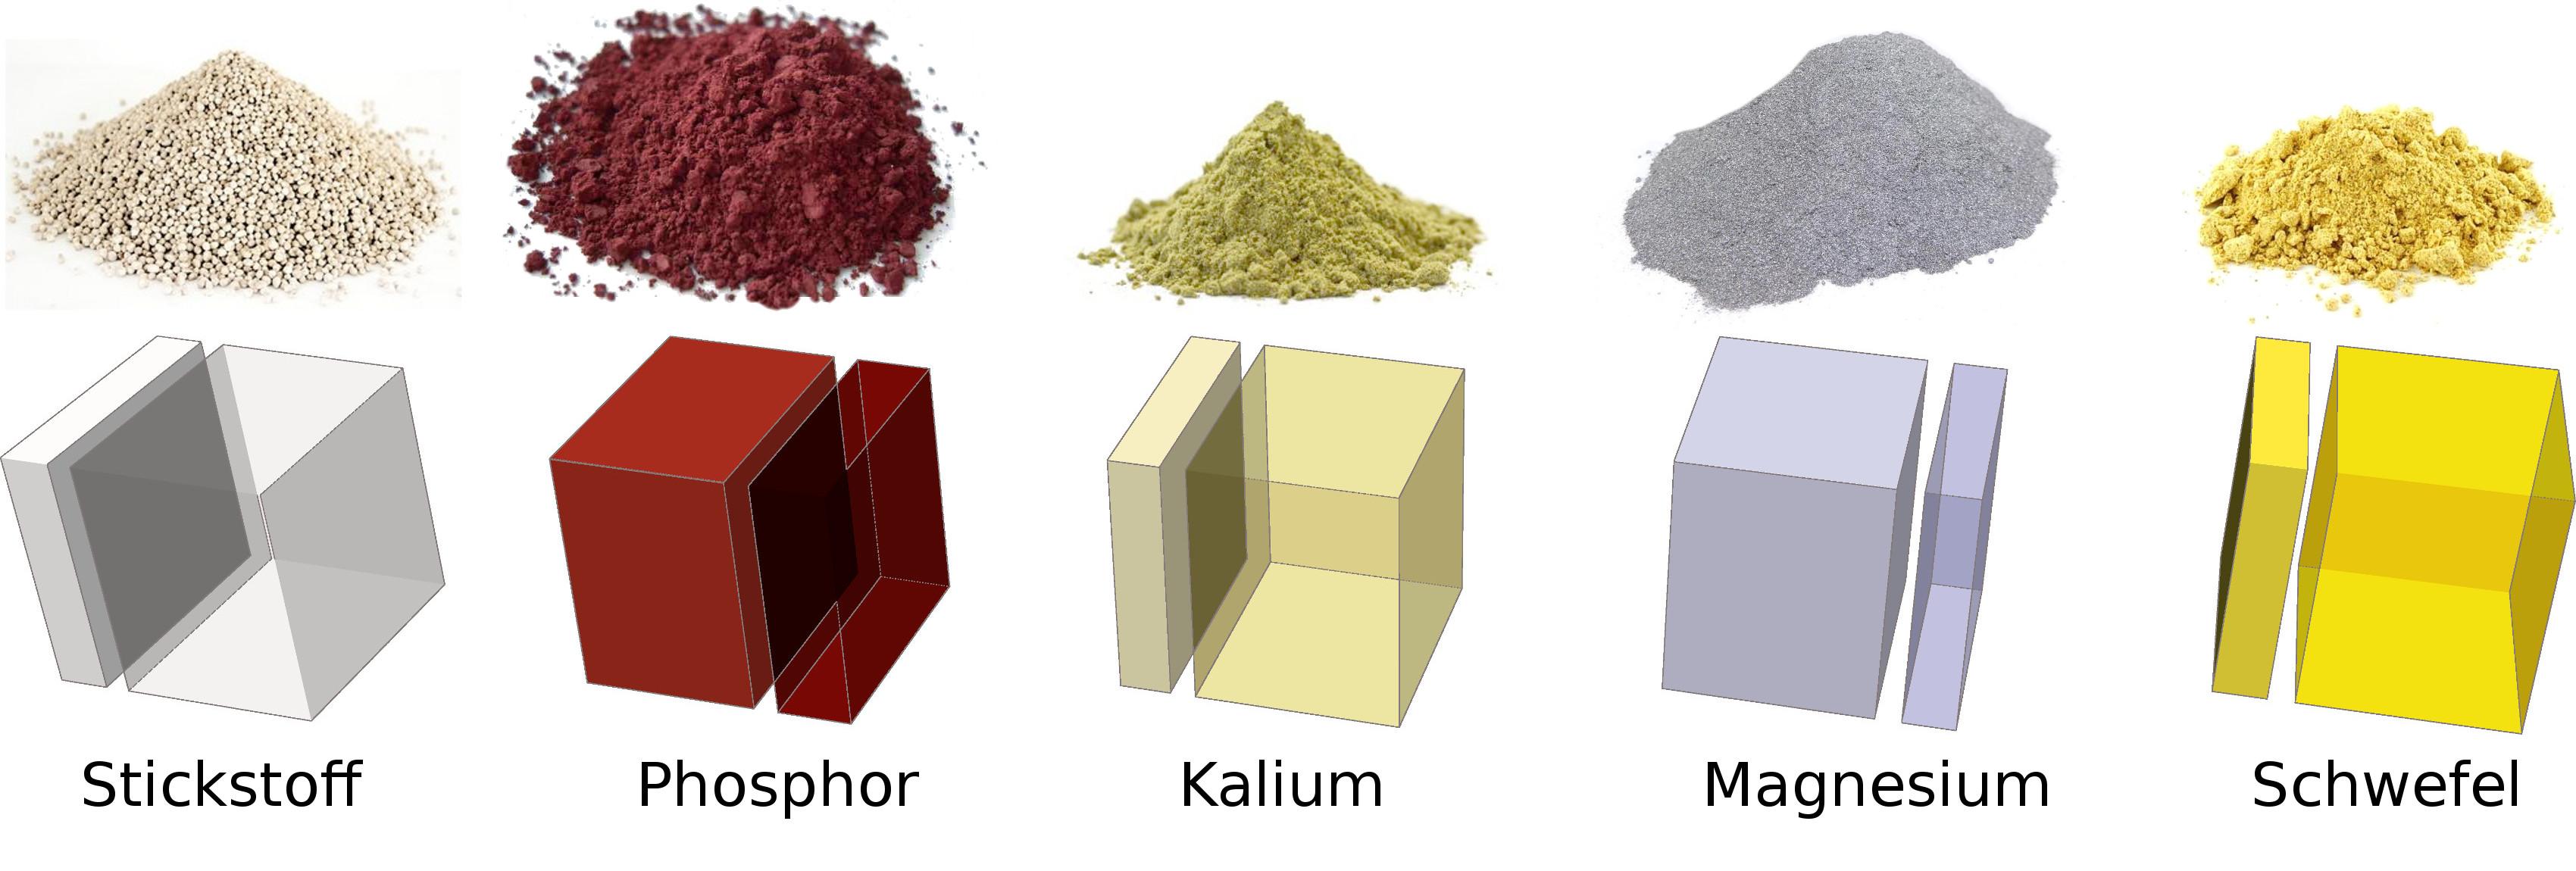 Bild charakteristische Aufteilung der Nährstoffe